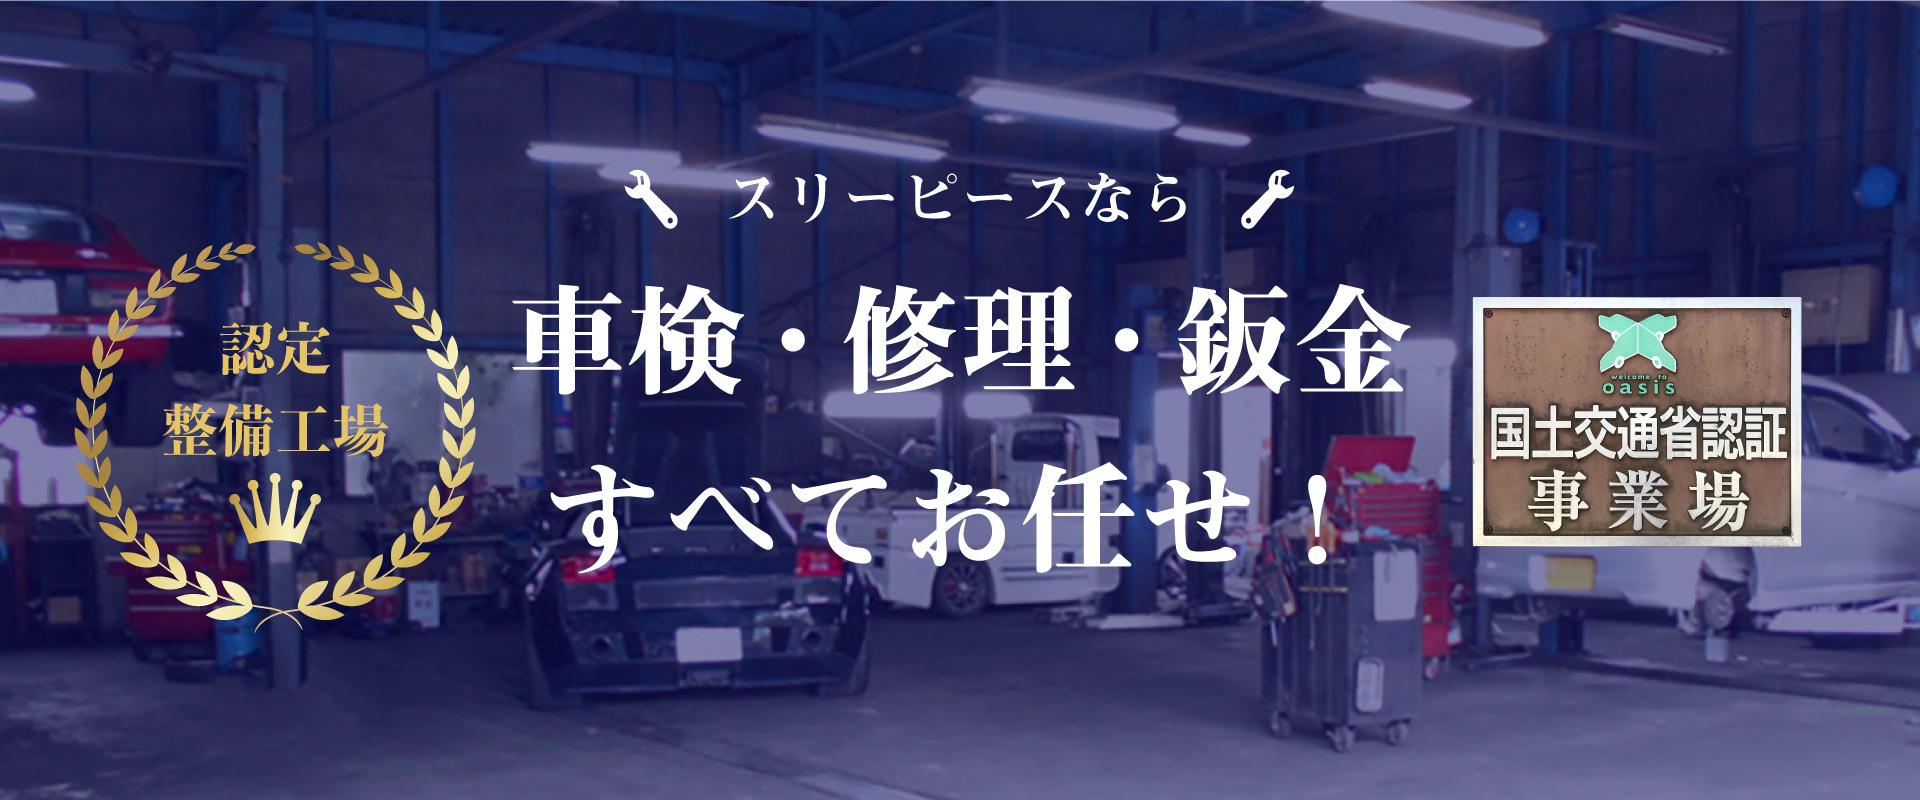 車検・修理・鈑金全てお任せ!